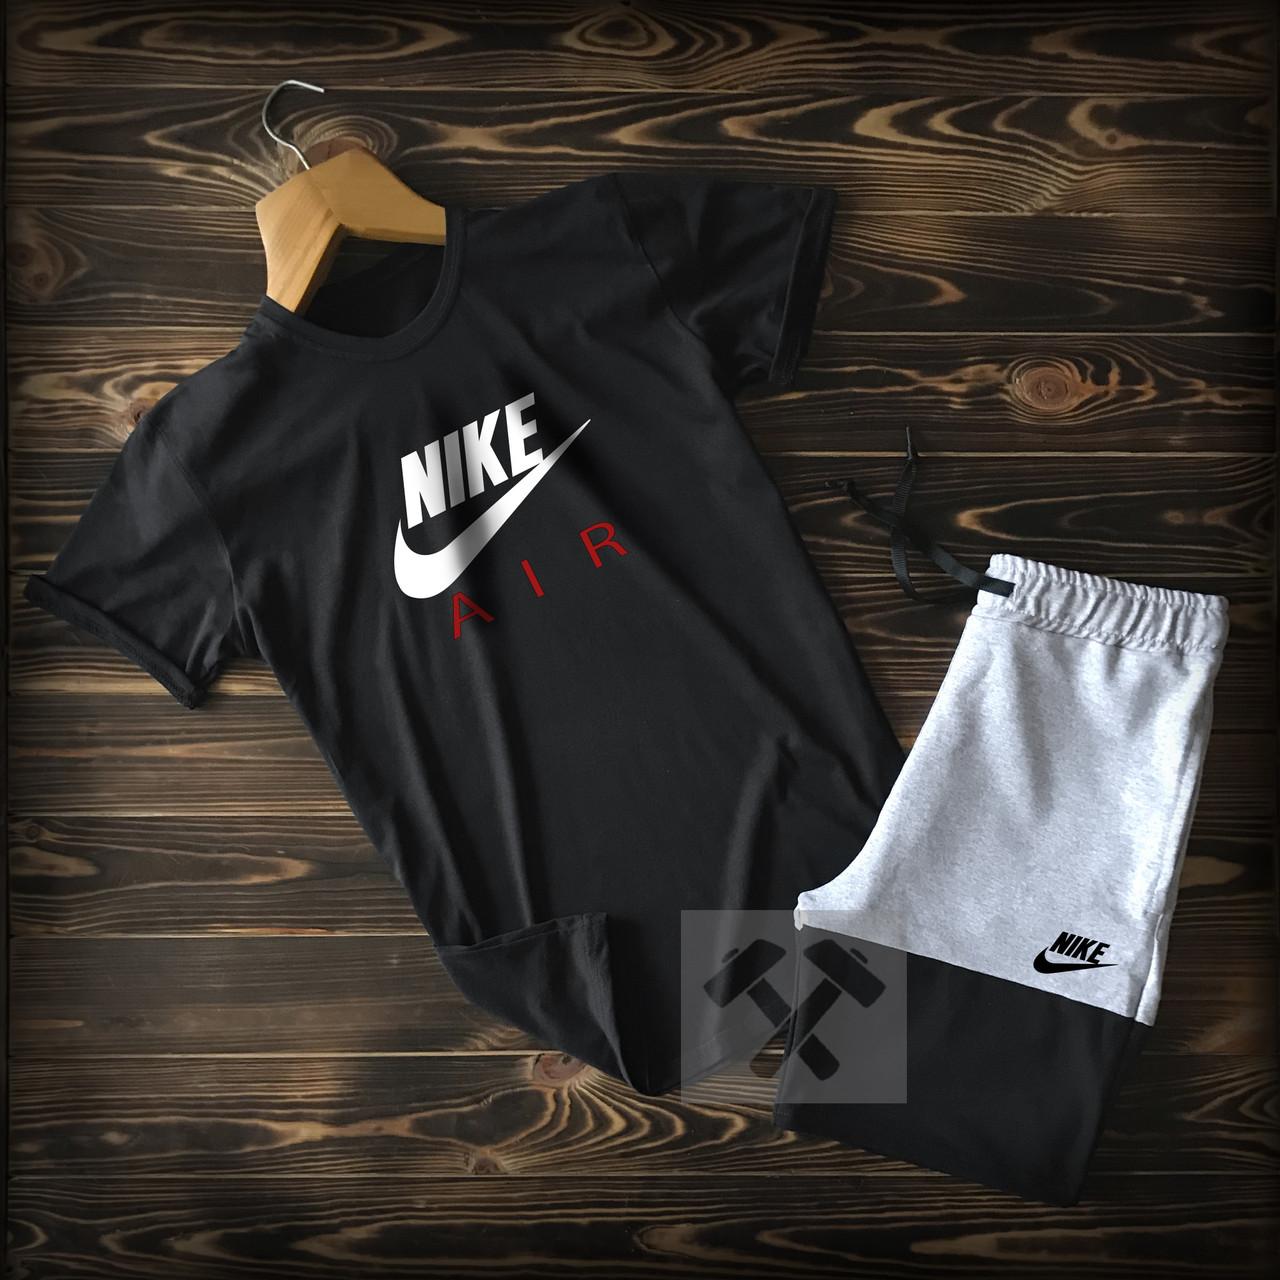 ea1b4236 Спортивный костюм шорты+футболка Nike Air черно-серого цвета купить ...